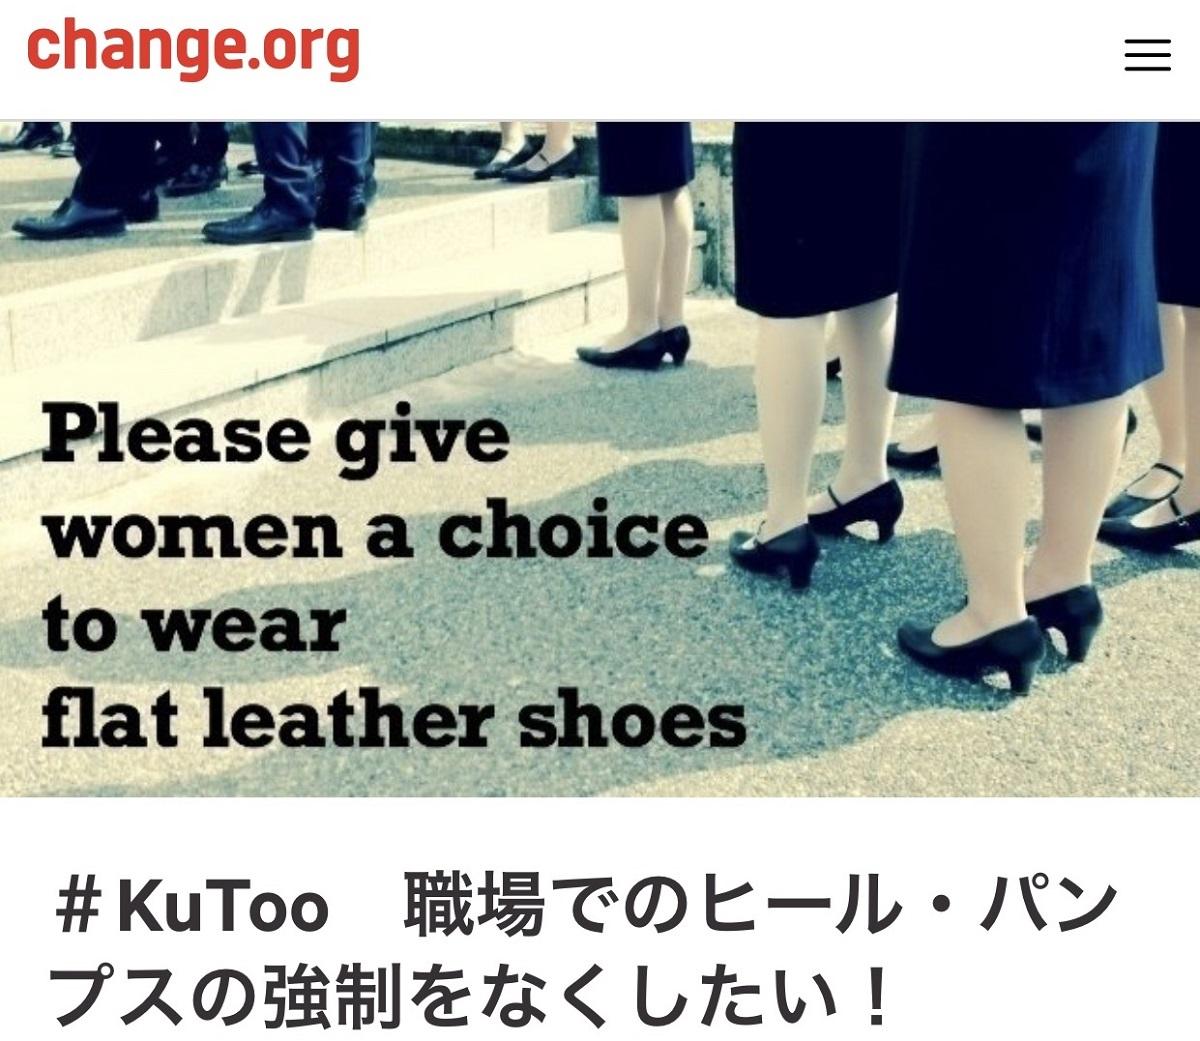 #KuTooの署名サイト